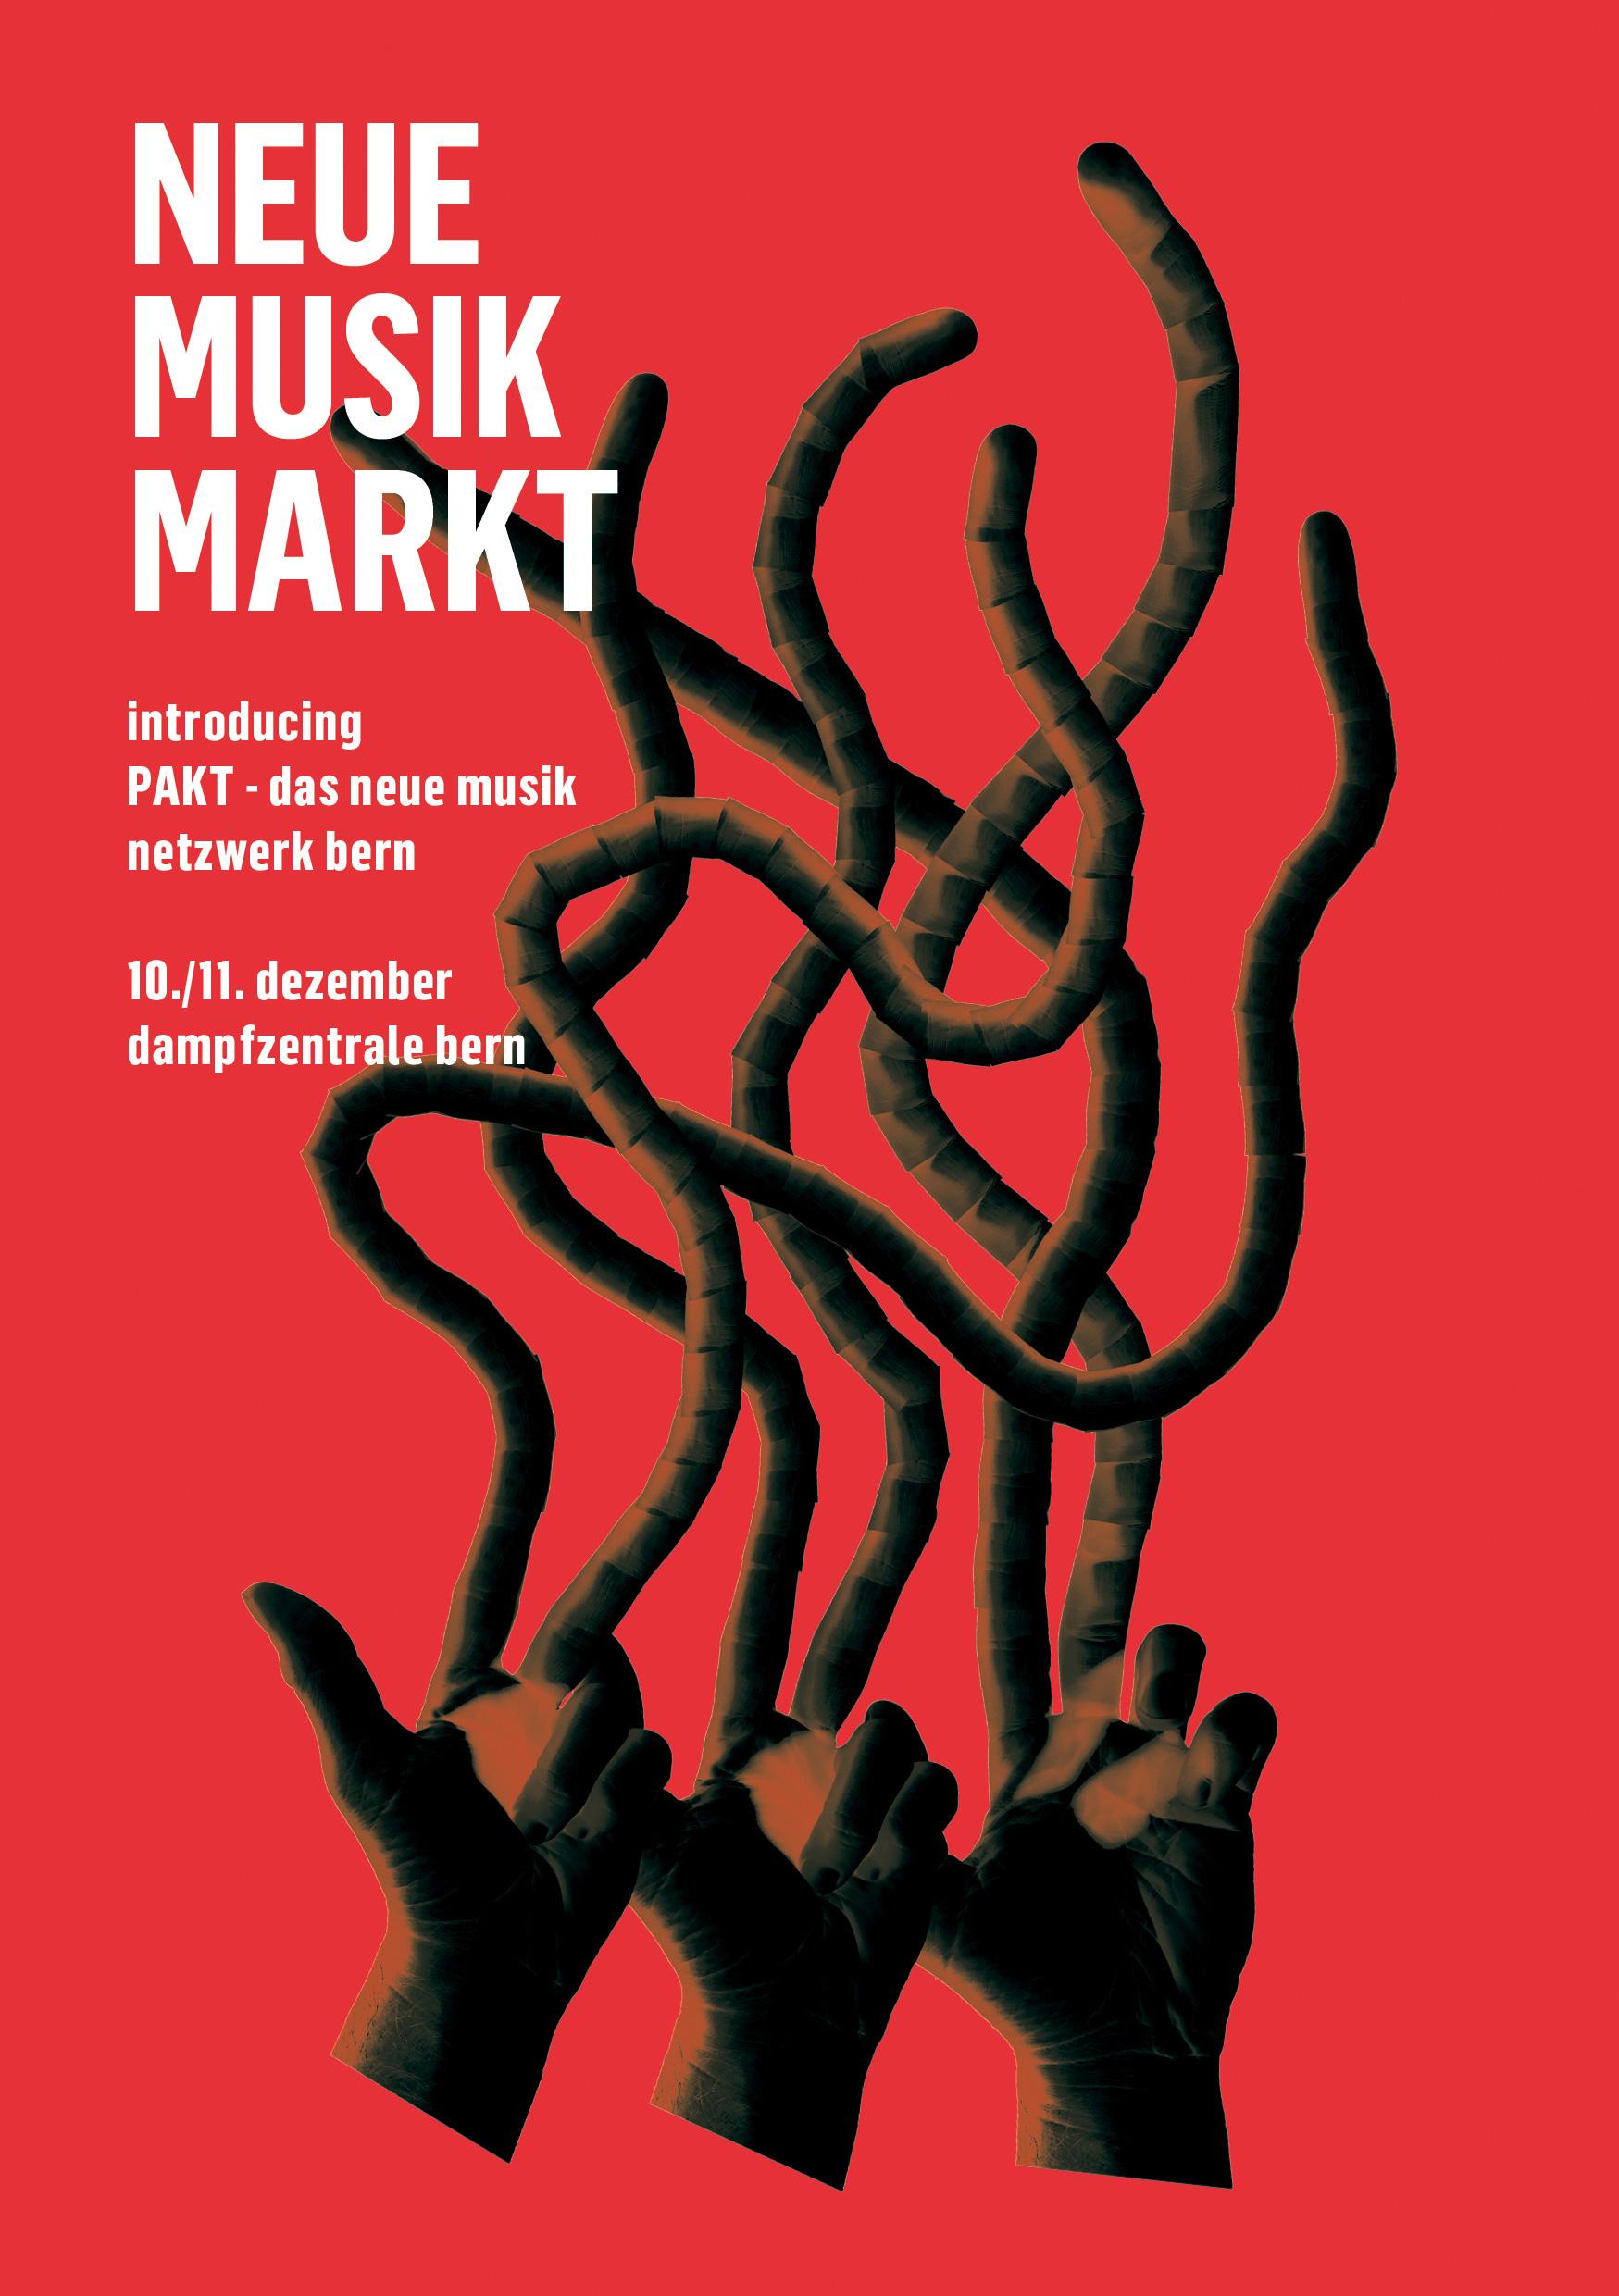 Neue_Musik_Markt